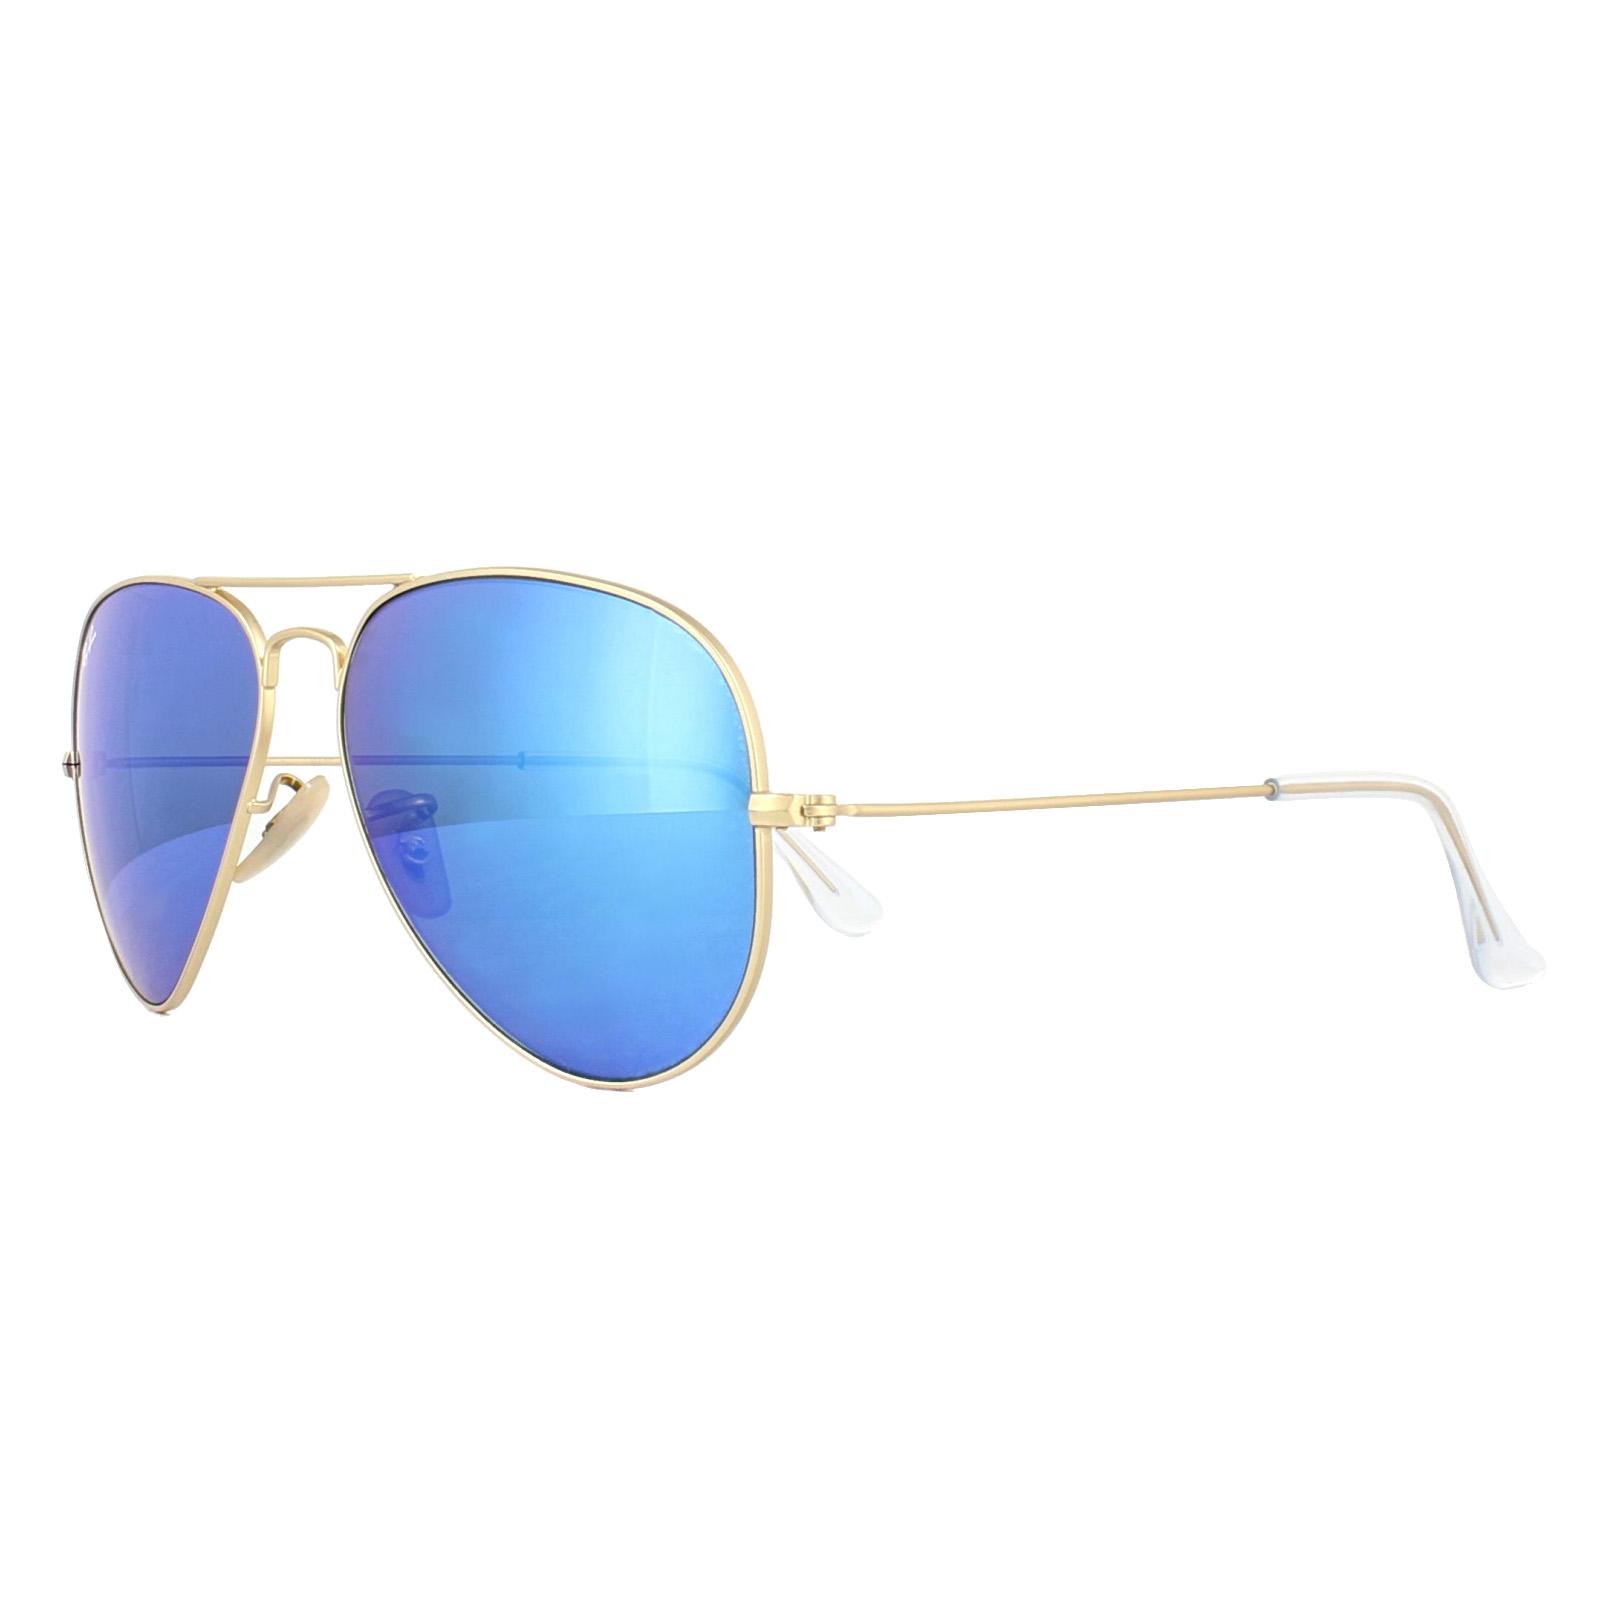 f3ace82ee CENTINELA Ray-Ban gafas de sol Aviator 3025 112/17 Matt Gold espejo azul  mediana